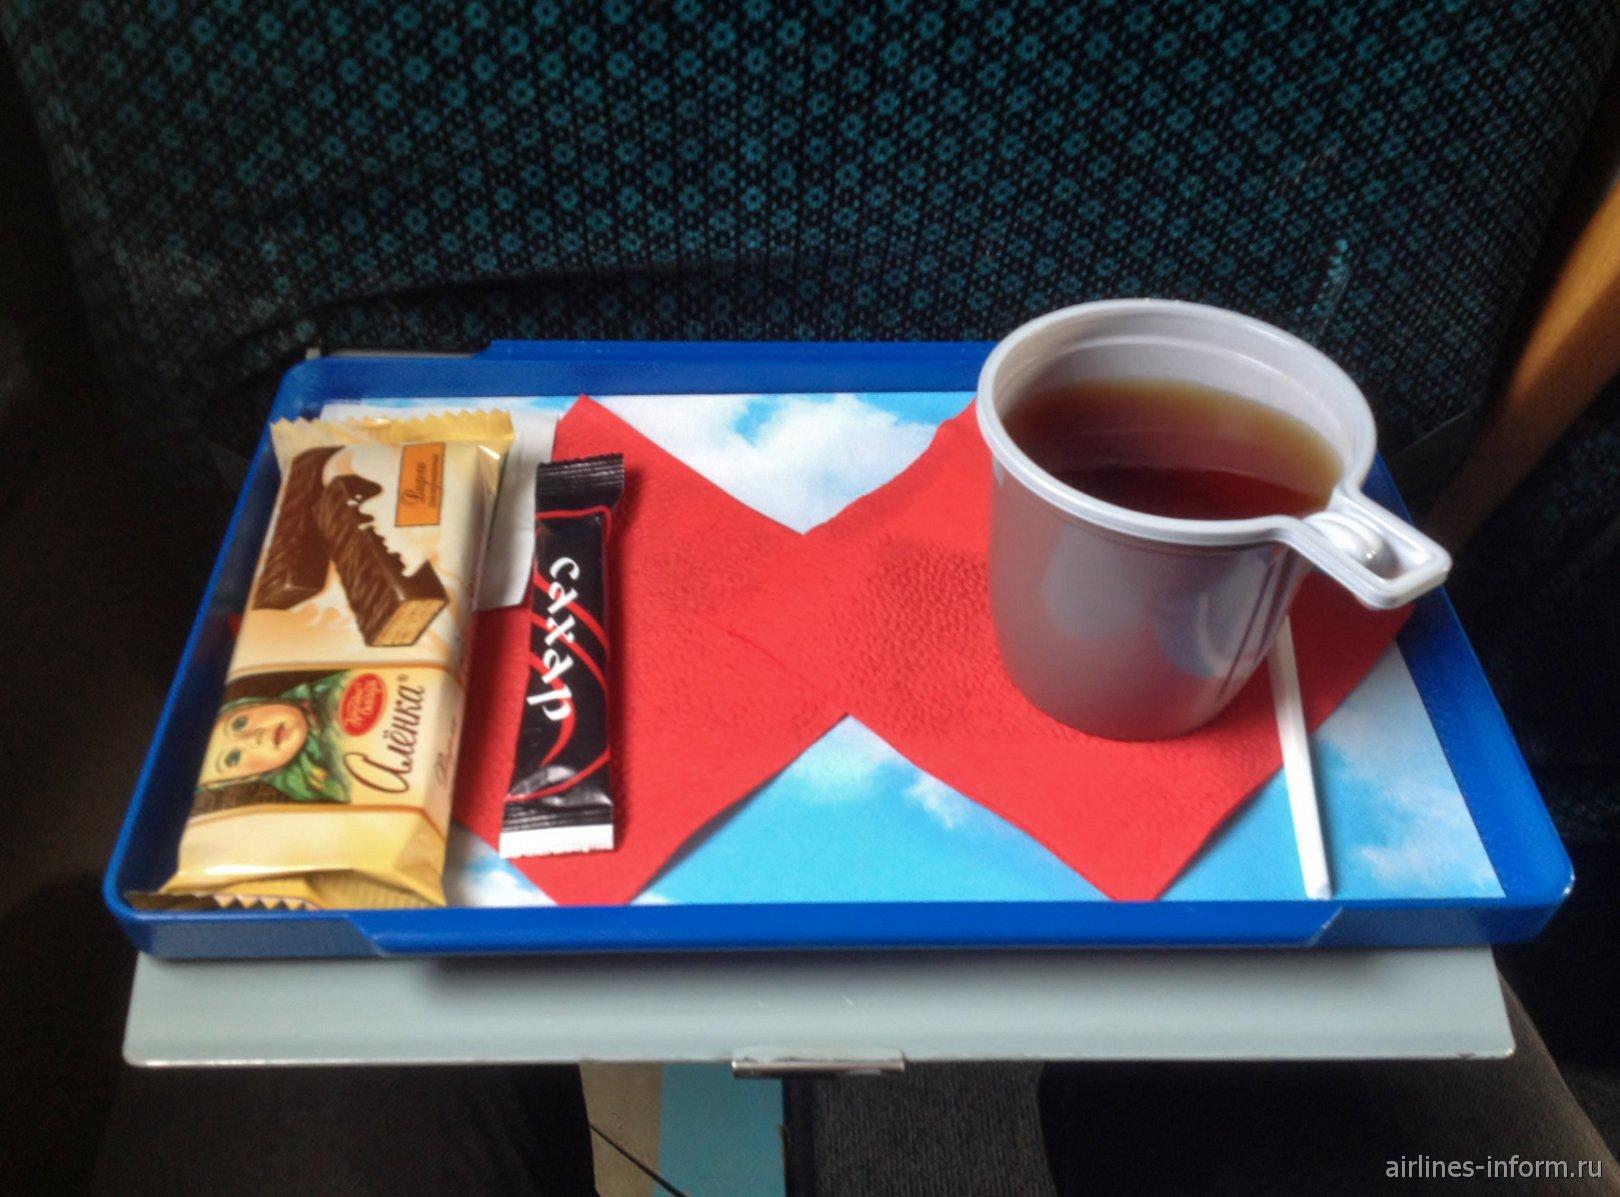 Чай и шоколадный батончик на рейсе Вологодского авиапредприятия